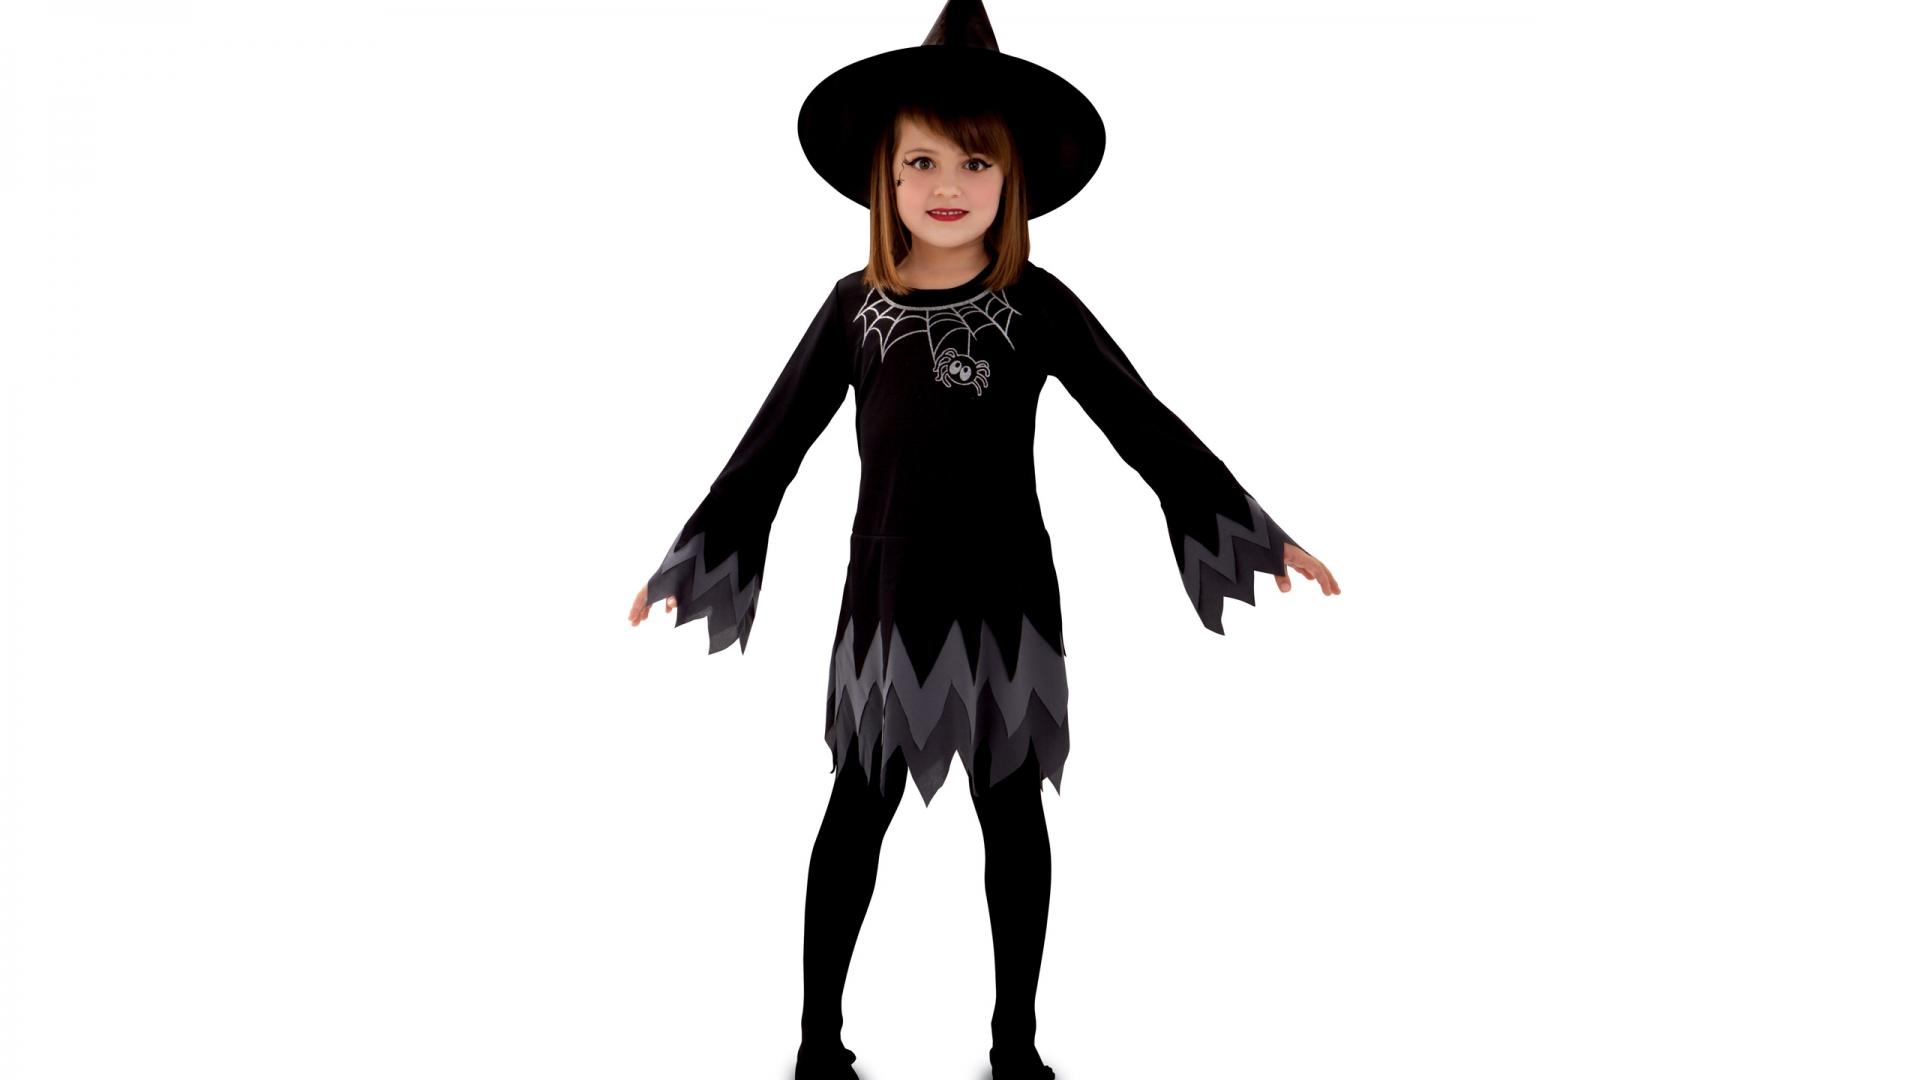 Disfraz de niña bruja - 1920x1080